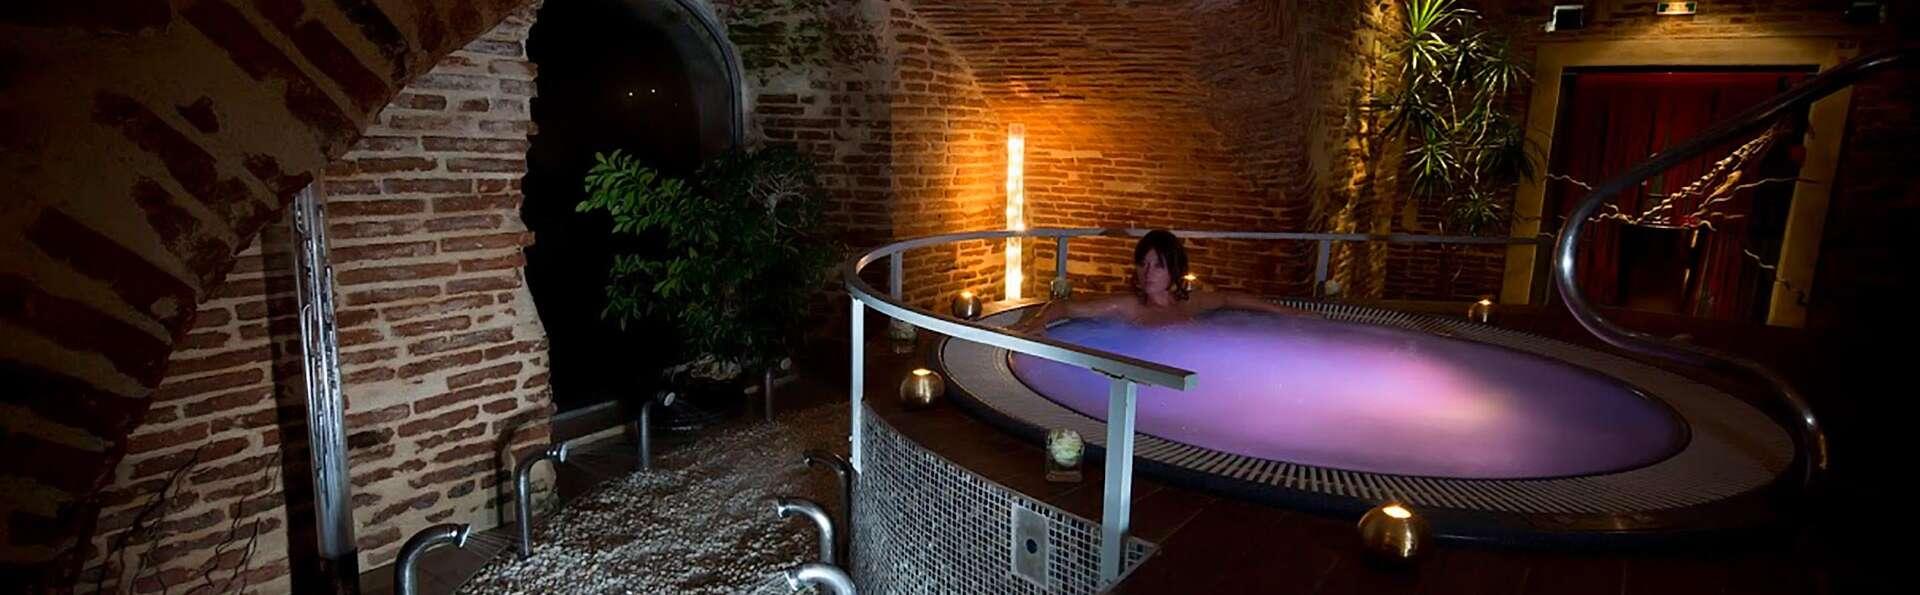 Week-end en suite avec vue sur le Tarn et accès au spa, à Moissac